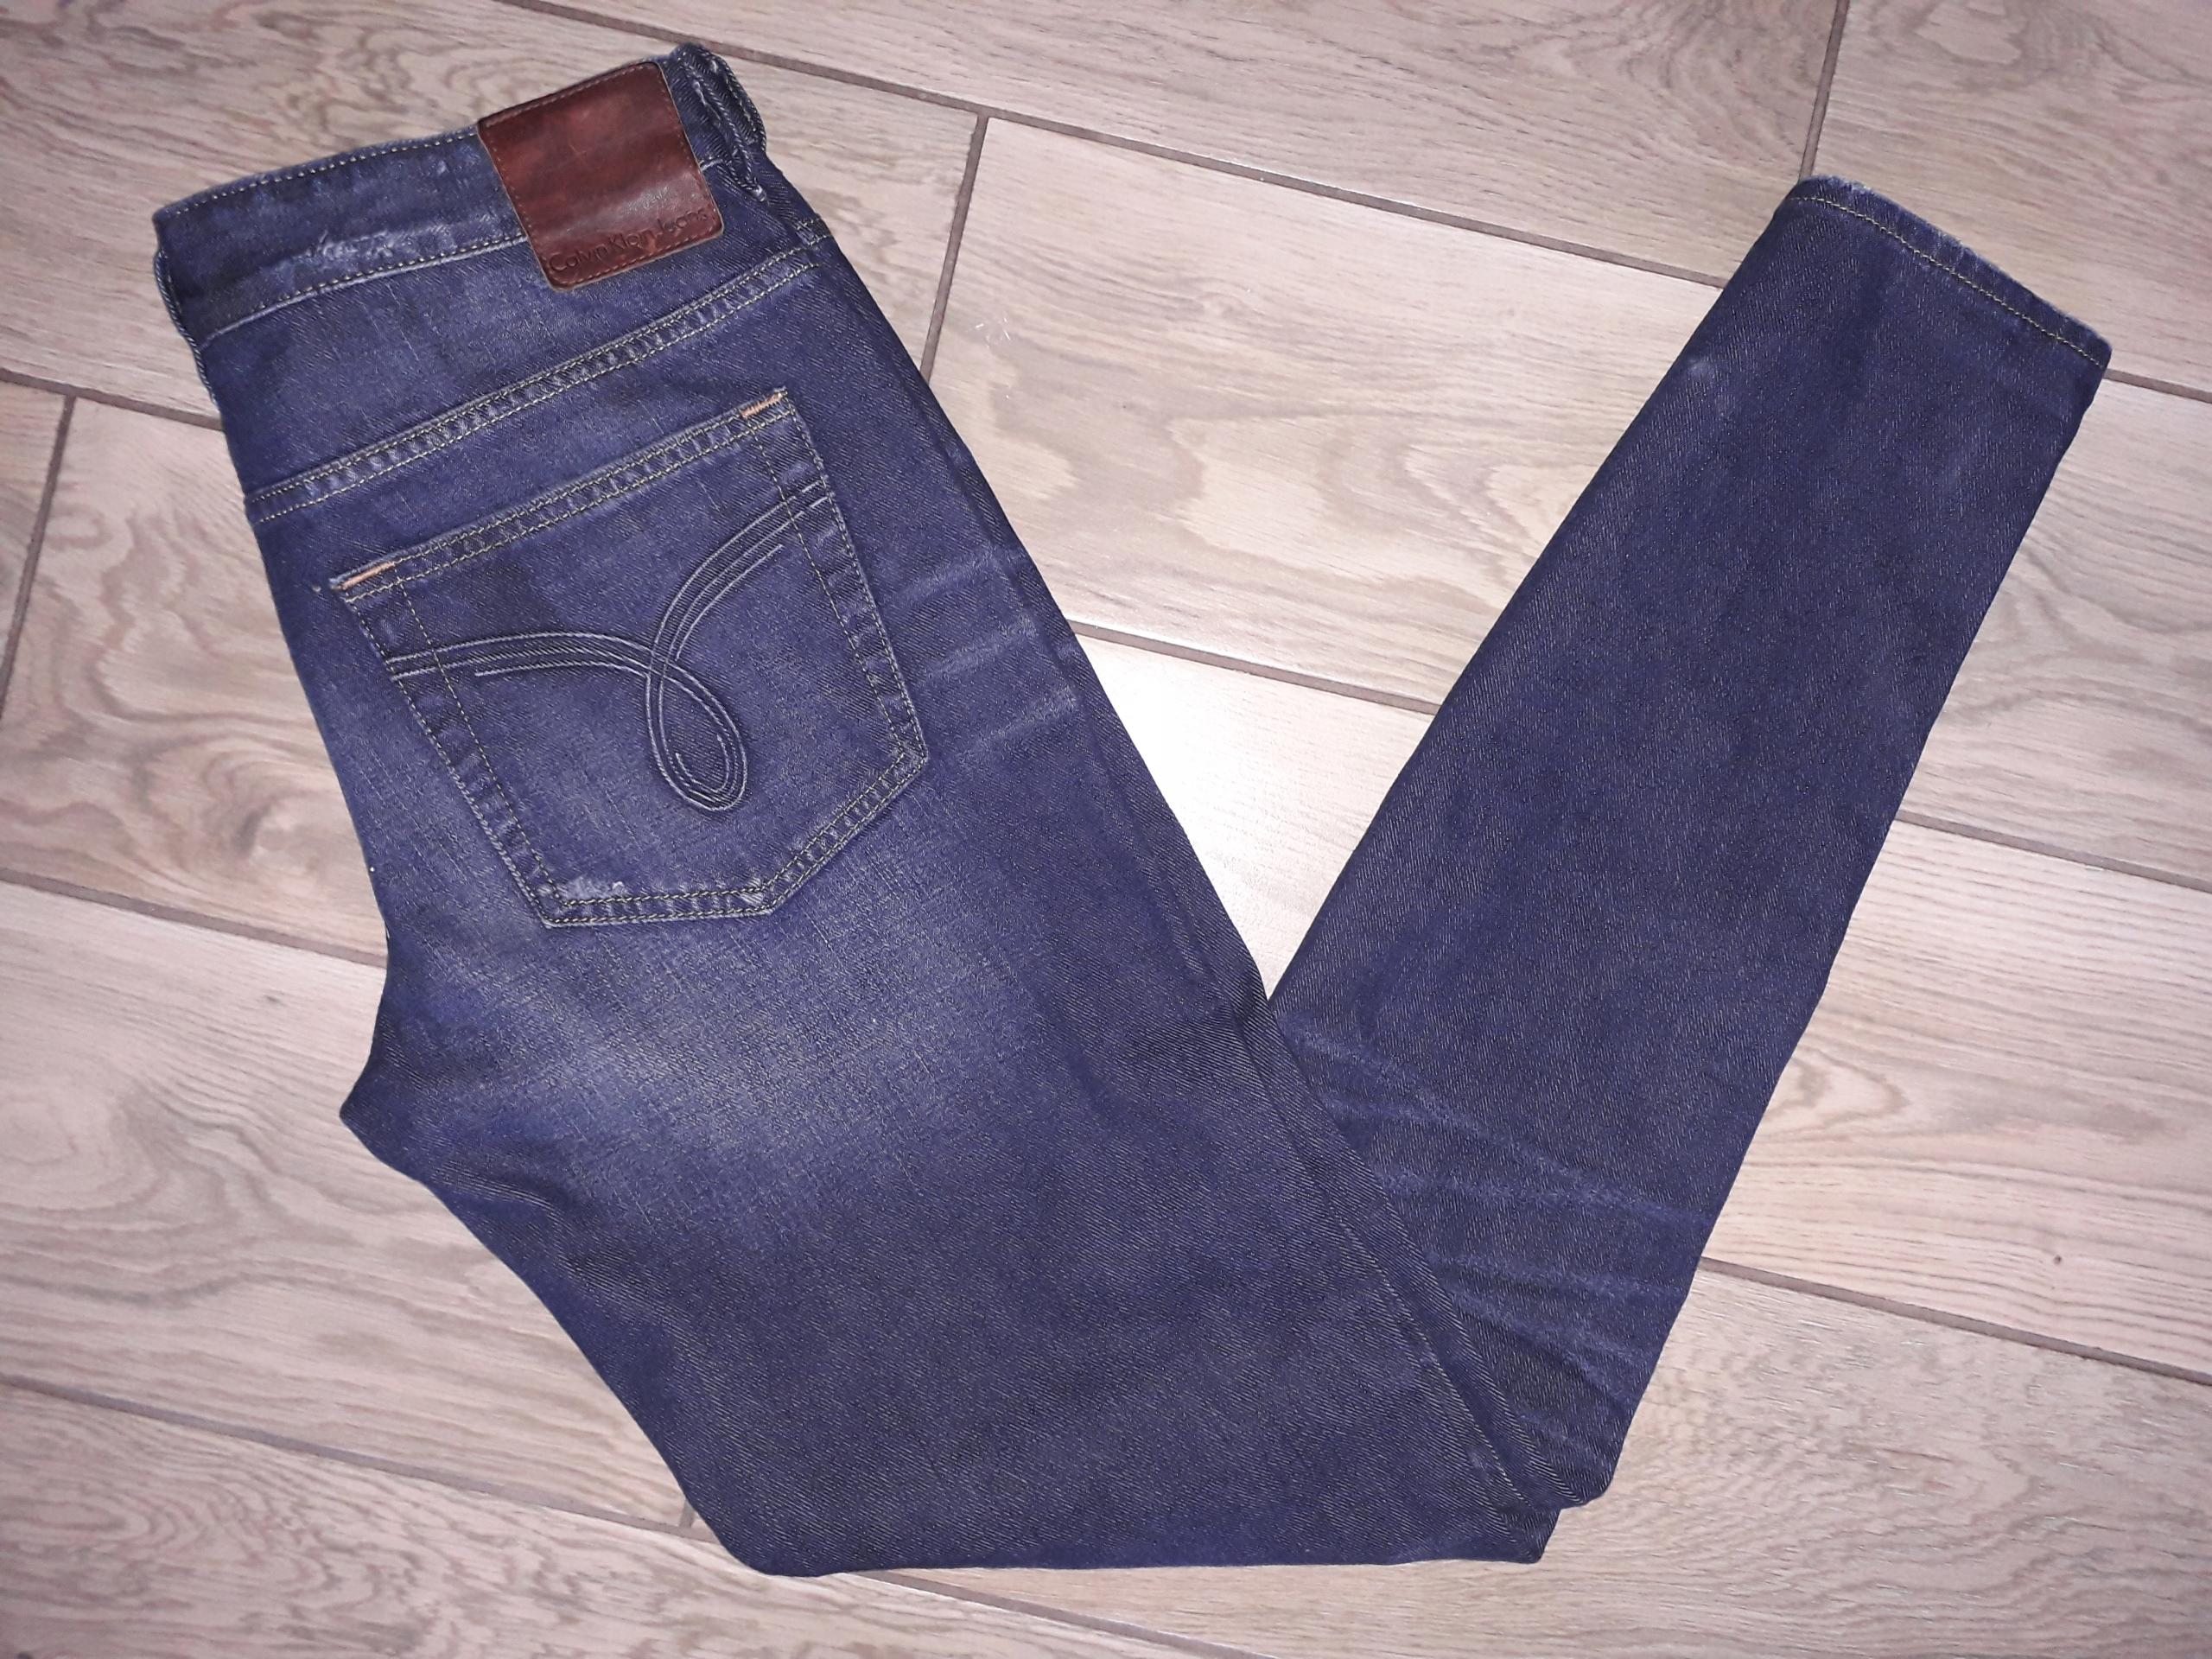 CALVIN KLEIN męskie spodnie jeans OKAZJA 31/34